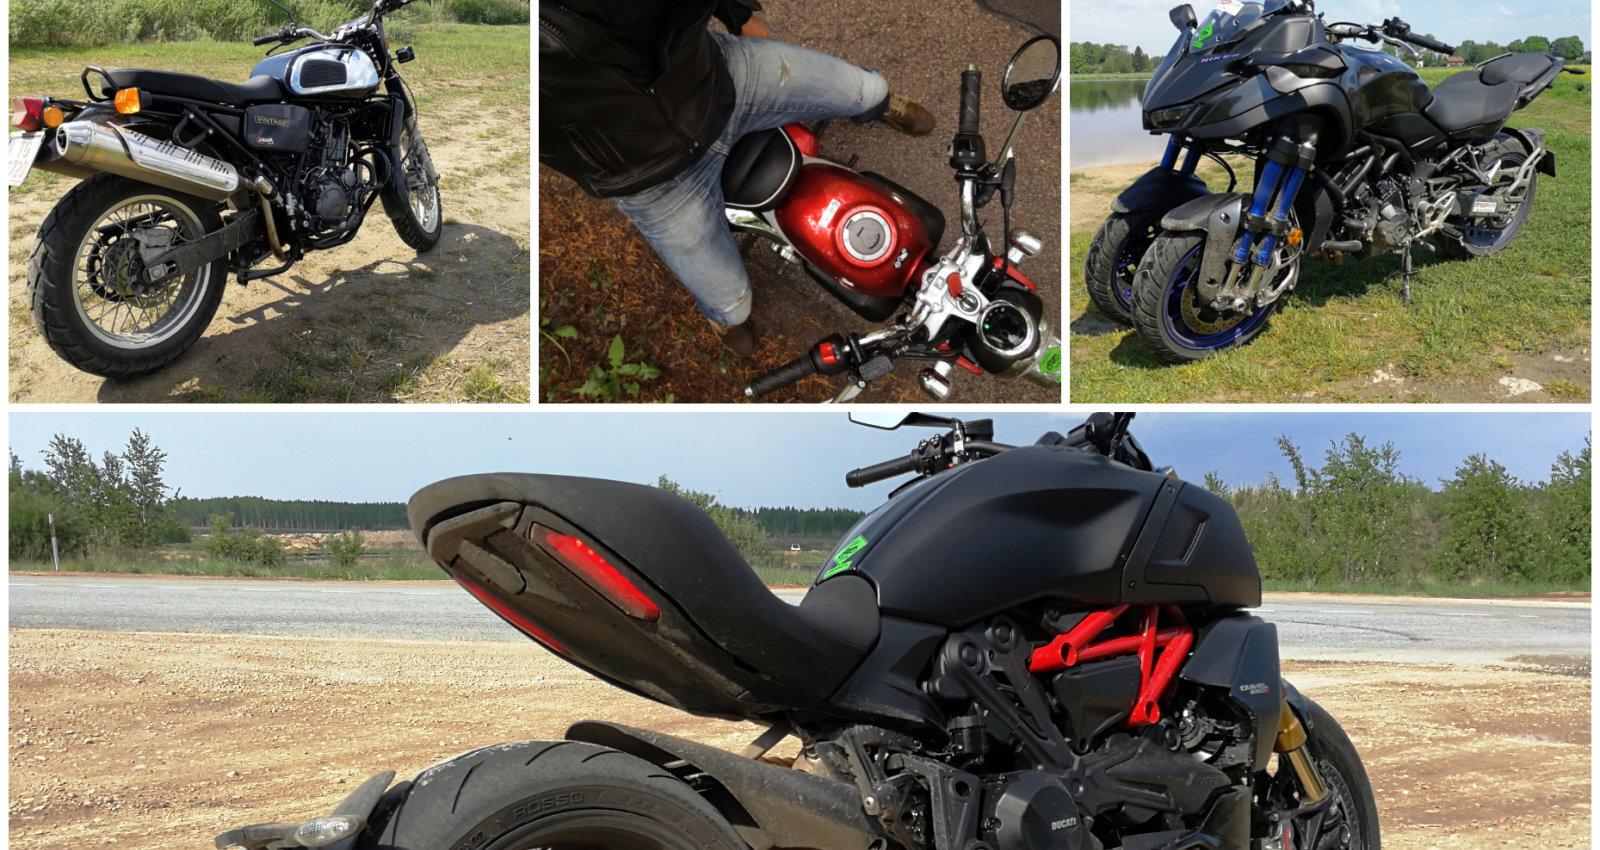 Mazais 'Pērtiķītis', 'Jawa' un 'Niken' uz trim riteņiem: 'Gada motocikla' intriģējošā daudzveidība